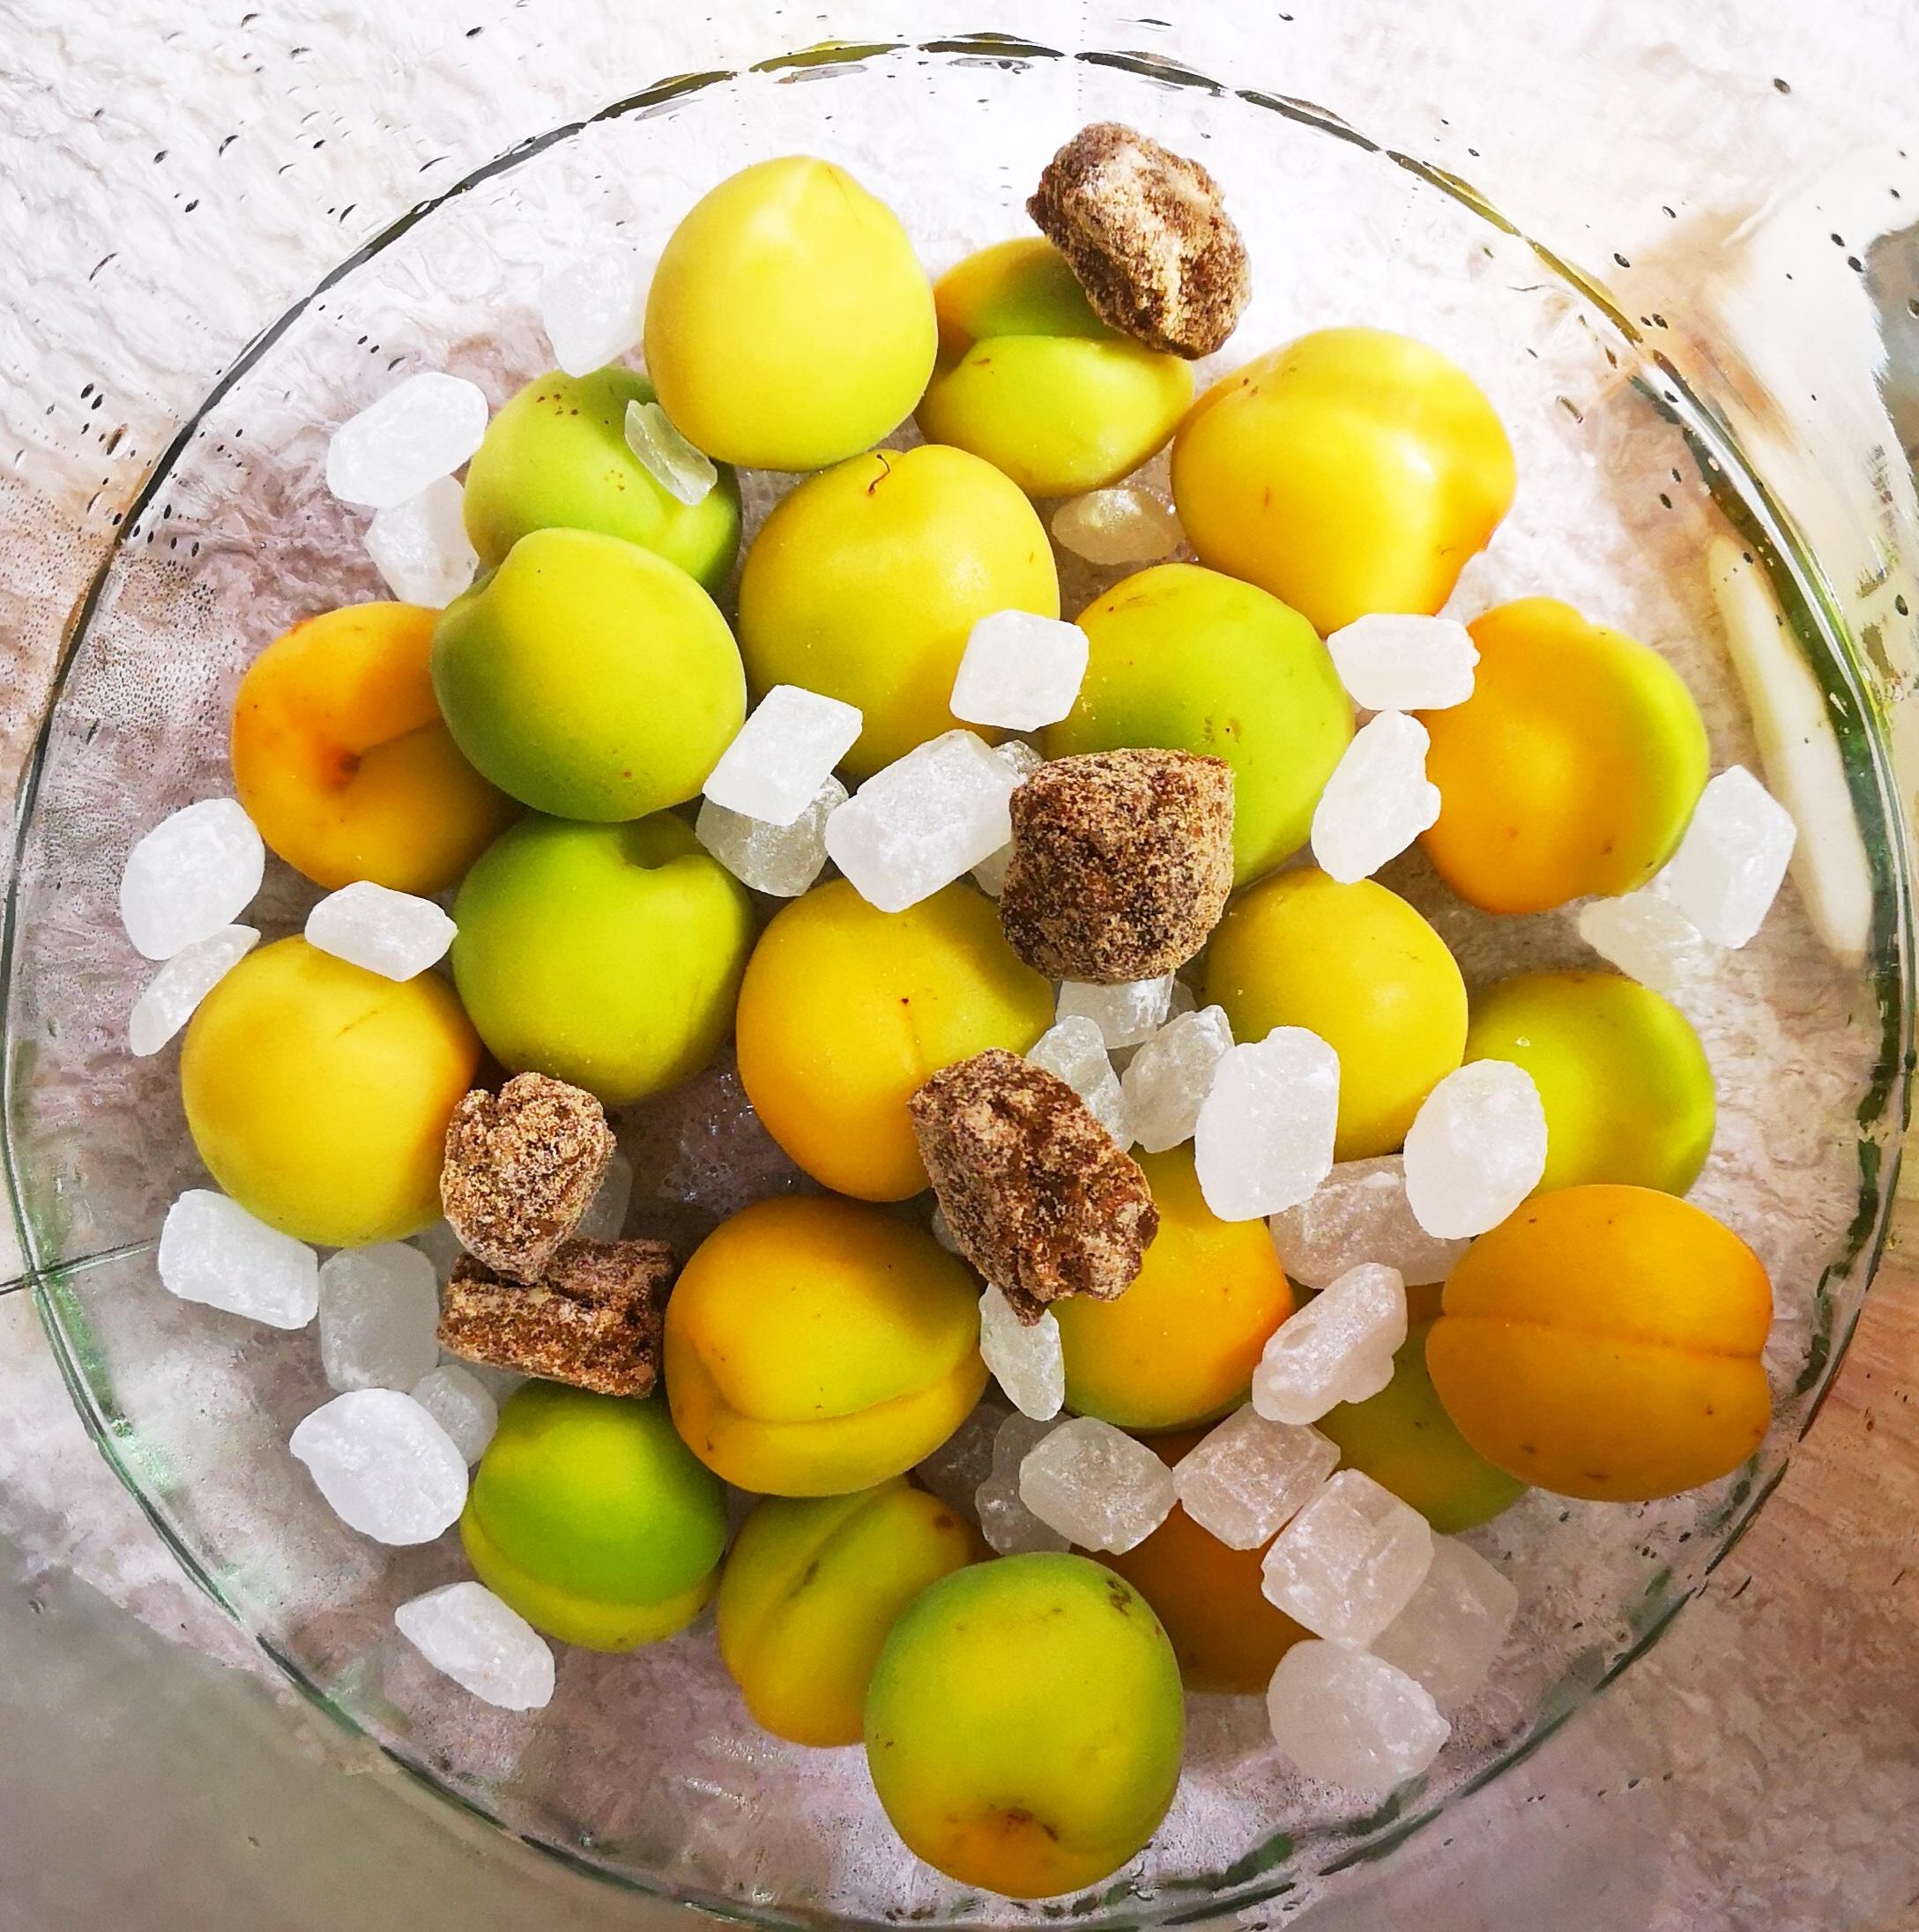 「ひがしね梅」×日本酒×黒糖を使って梅酒作り